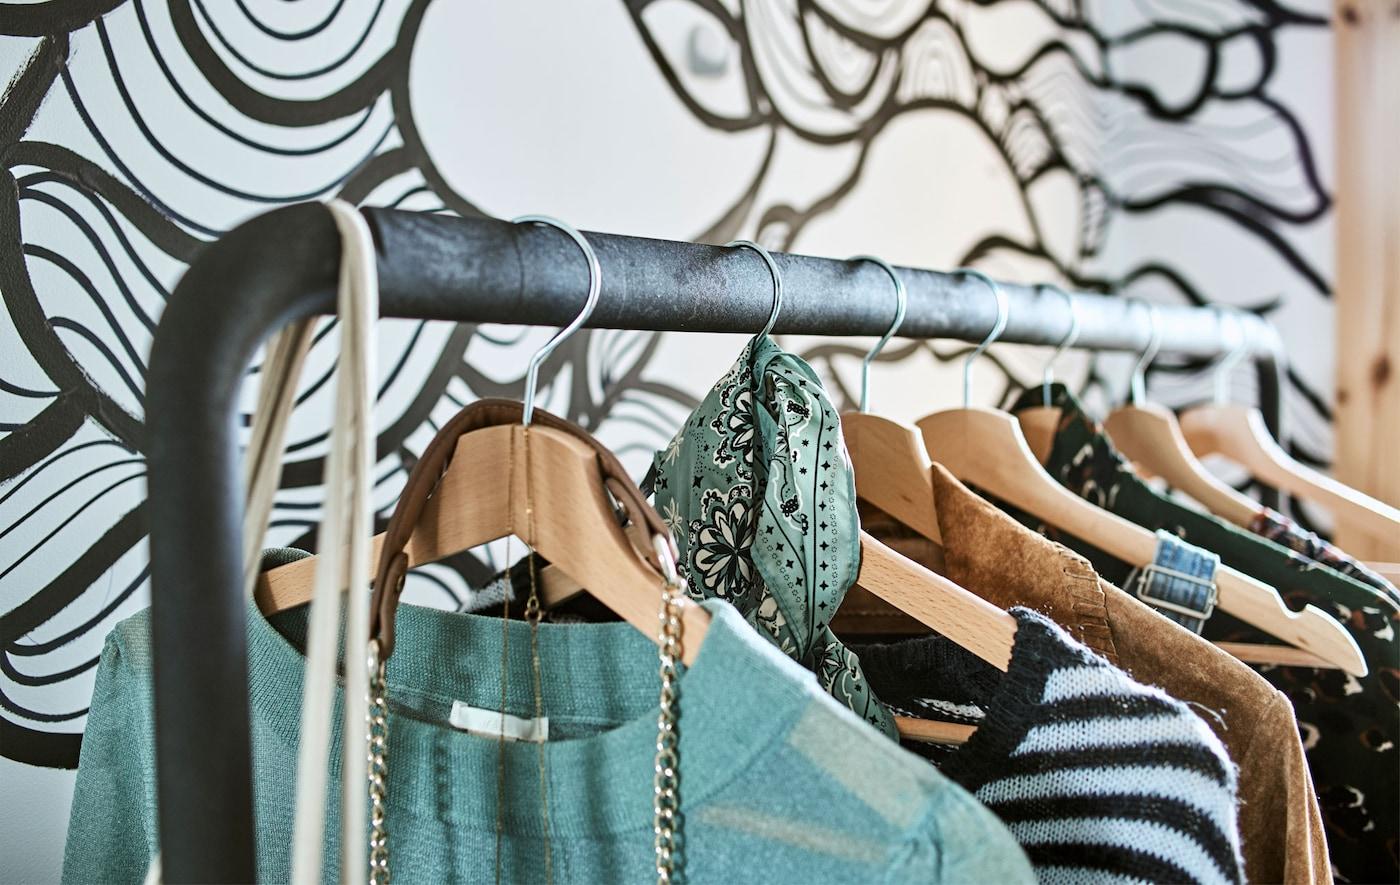 ملابس معلقة على علاقات معاطف خشبية على سكة تعليق ملابس أمام ورق حائط مموج أسود وأبيض.